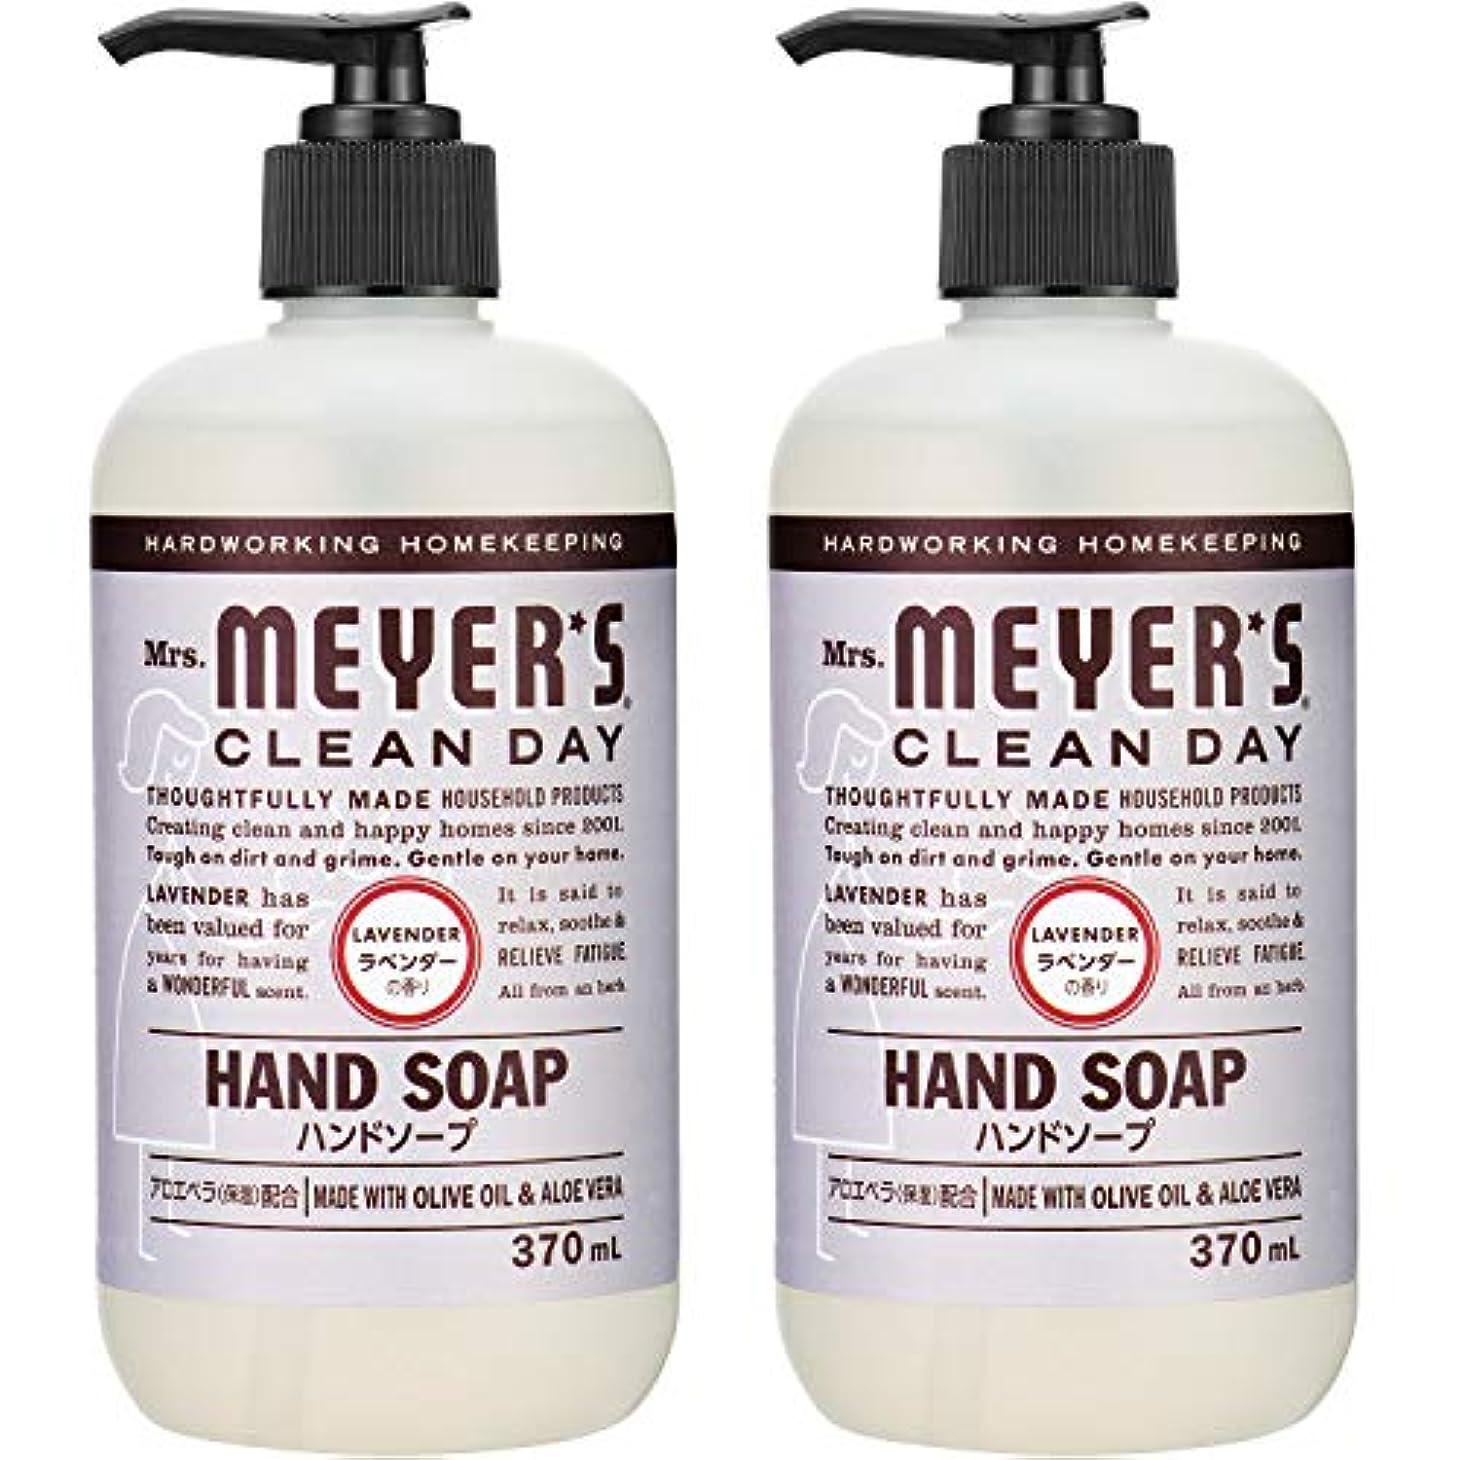 世界の窓助けになる教育するMrs. MEYER'S CLEAN DAY(ミセスマイヤーズ クリーンデイ) ミセスマイヤーズ クリーンデイ(Mrs.Meyers Clean Day) ハンドソープ ラベンダーの香り 370ml×2個